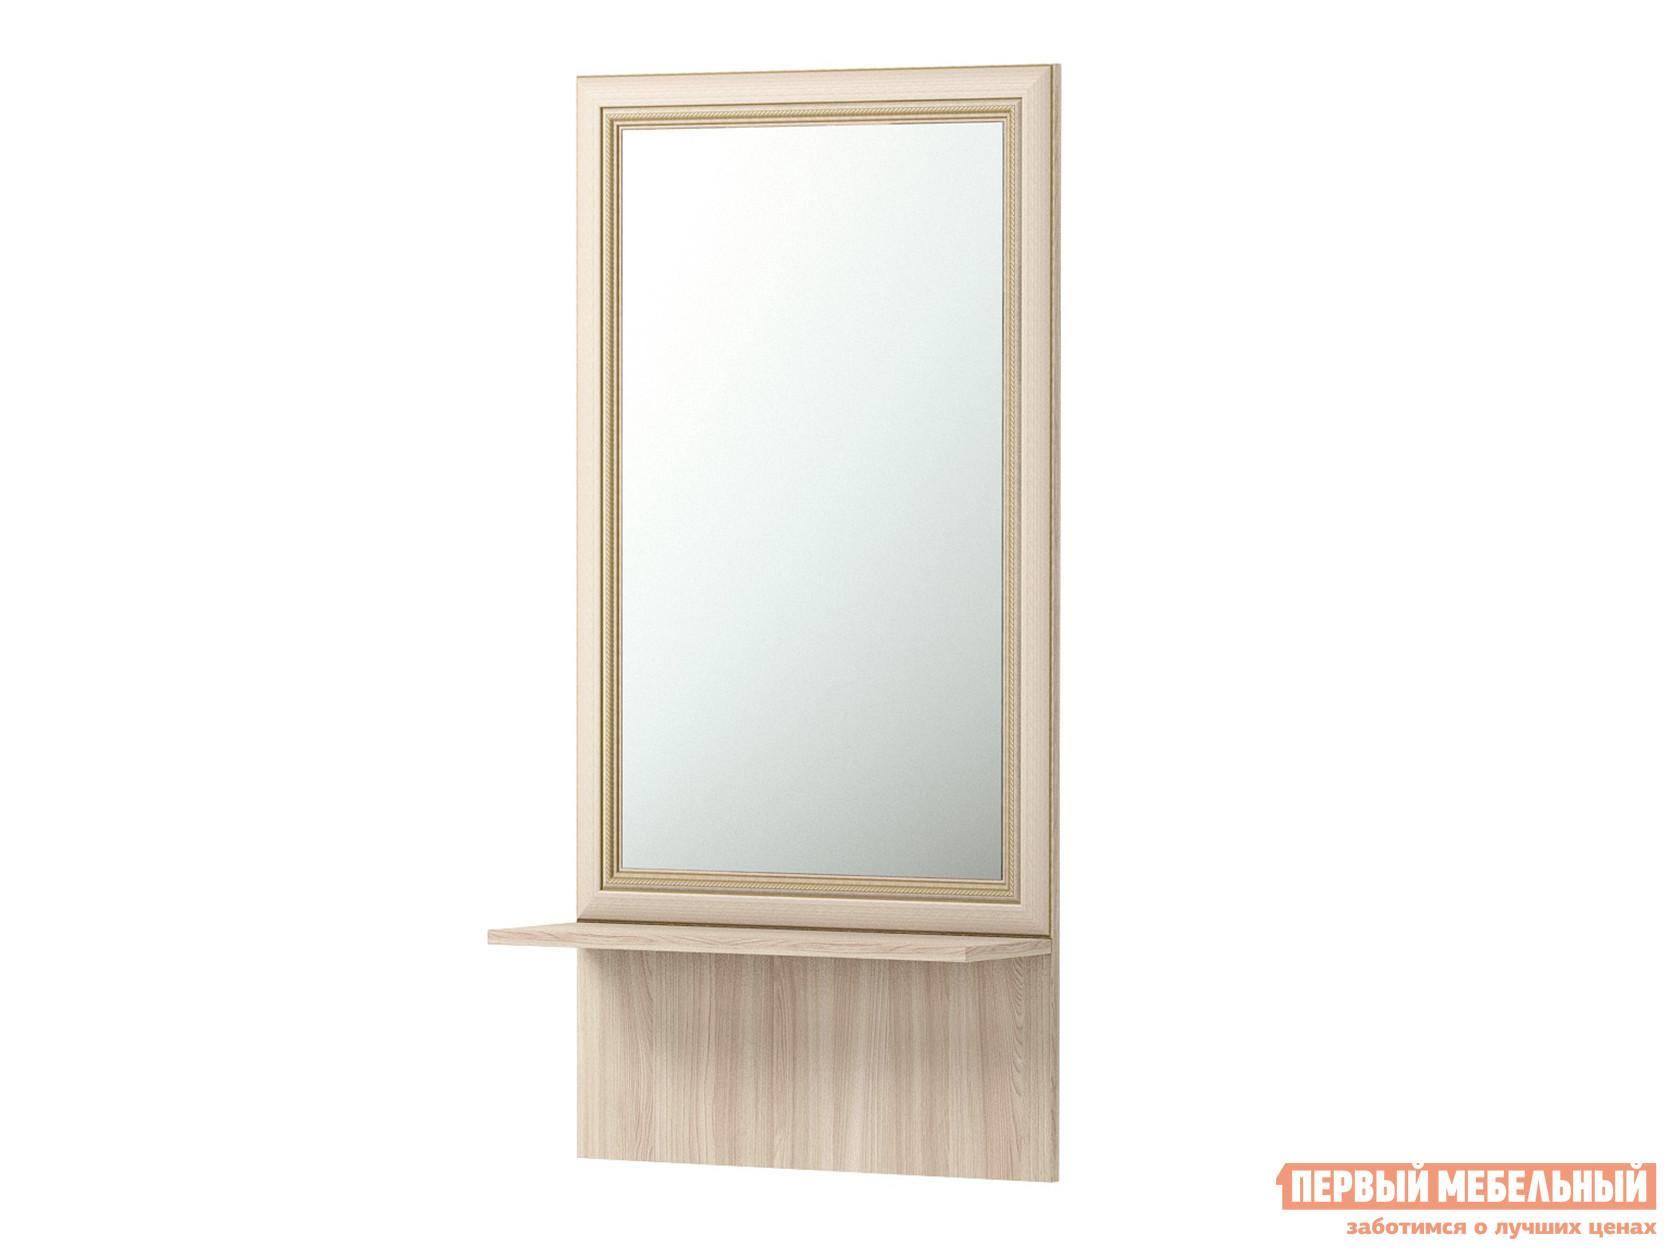 Настенное зеркало с полкой ТД Арника Брайтон 21 настенное зеркало трия тд 235 06 01